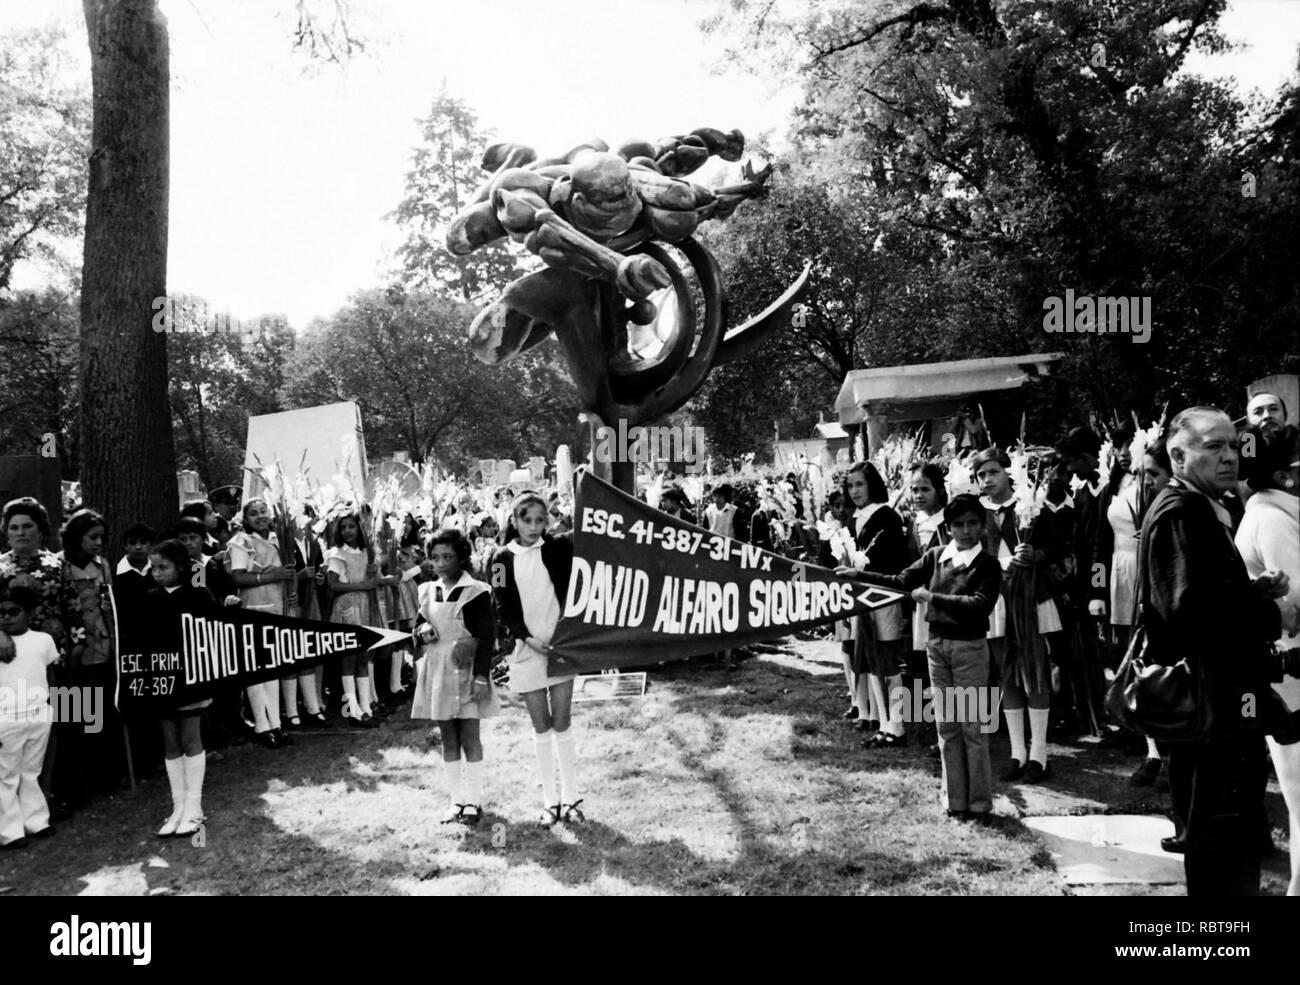 014630-043 INAUGURACION DE UNA ESCULTURA EN LA TUMBA DEL PINTOR DAVID ALFARO SIQUEIROS EN LA ROTONDA DE LOS HOMBRES ILUSTRES NOVIEMBRE 09 1974 (40833157491). - Stock Image